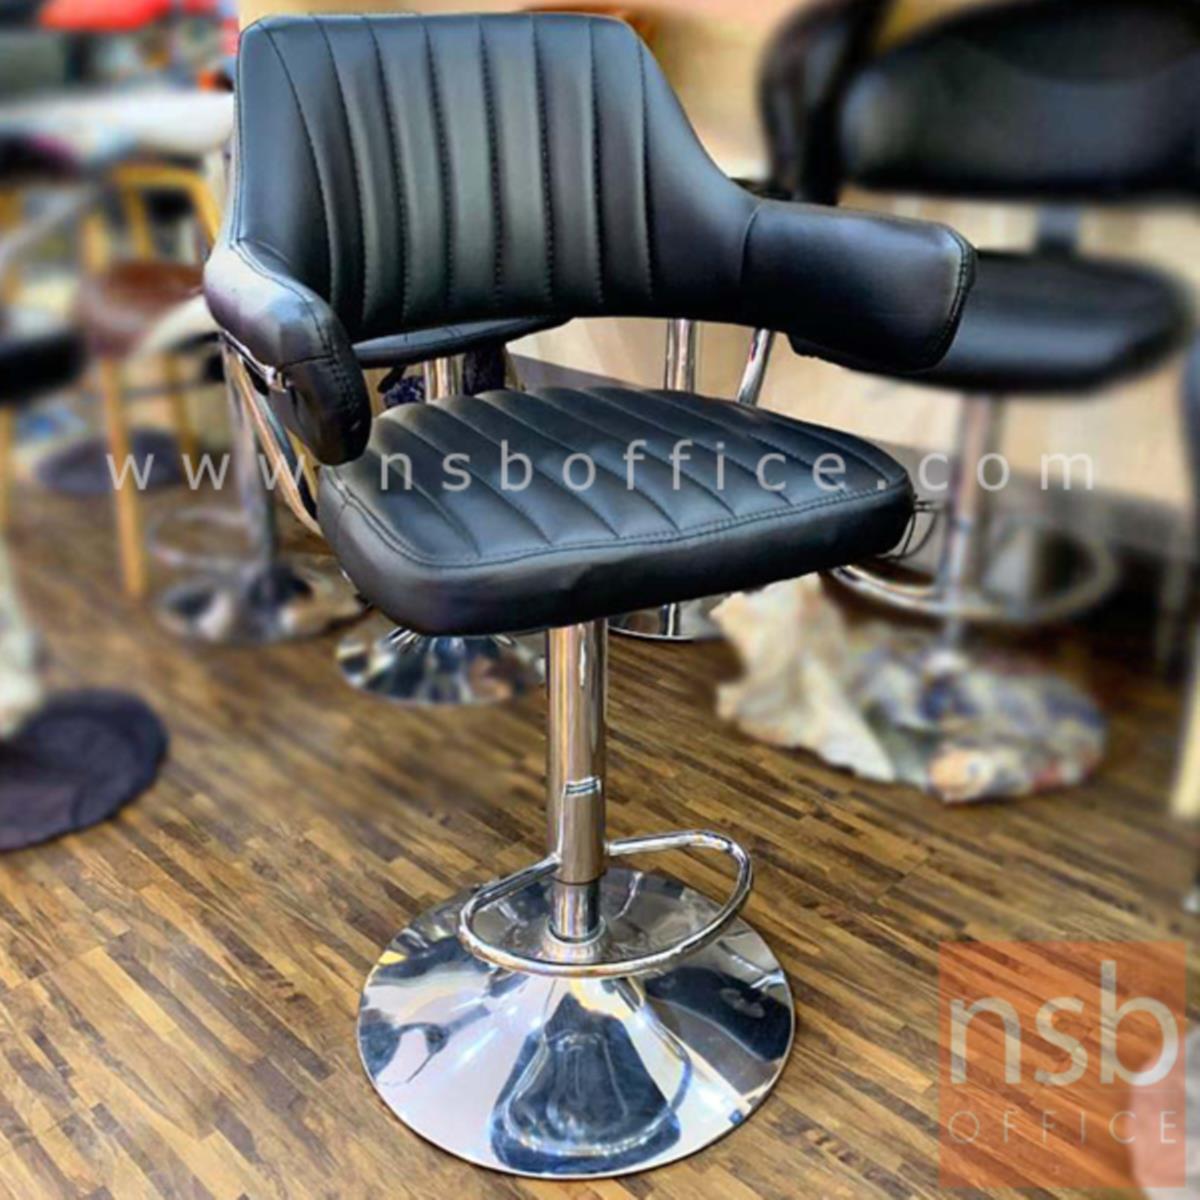 เก้าอี้บาร์สูงหนังเทียม รุ่น Erebor (เอเรบอร์) ขนาด 59W cm. โช๊คแก๊ส ขาโครเมี่ยมฐานจานกลม